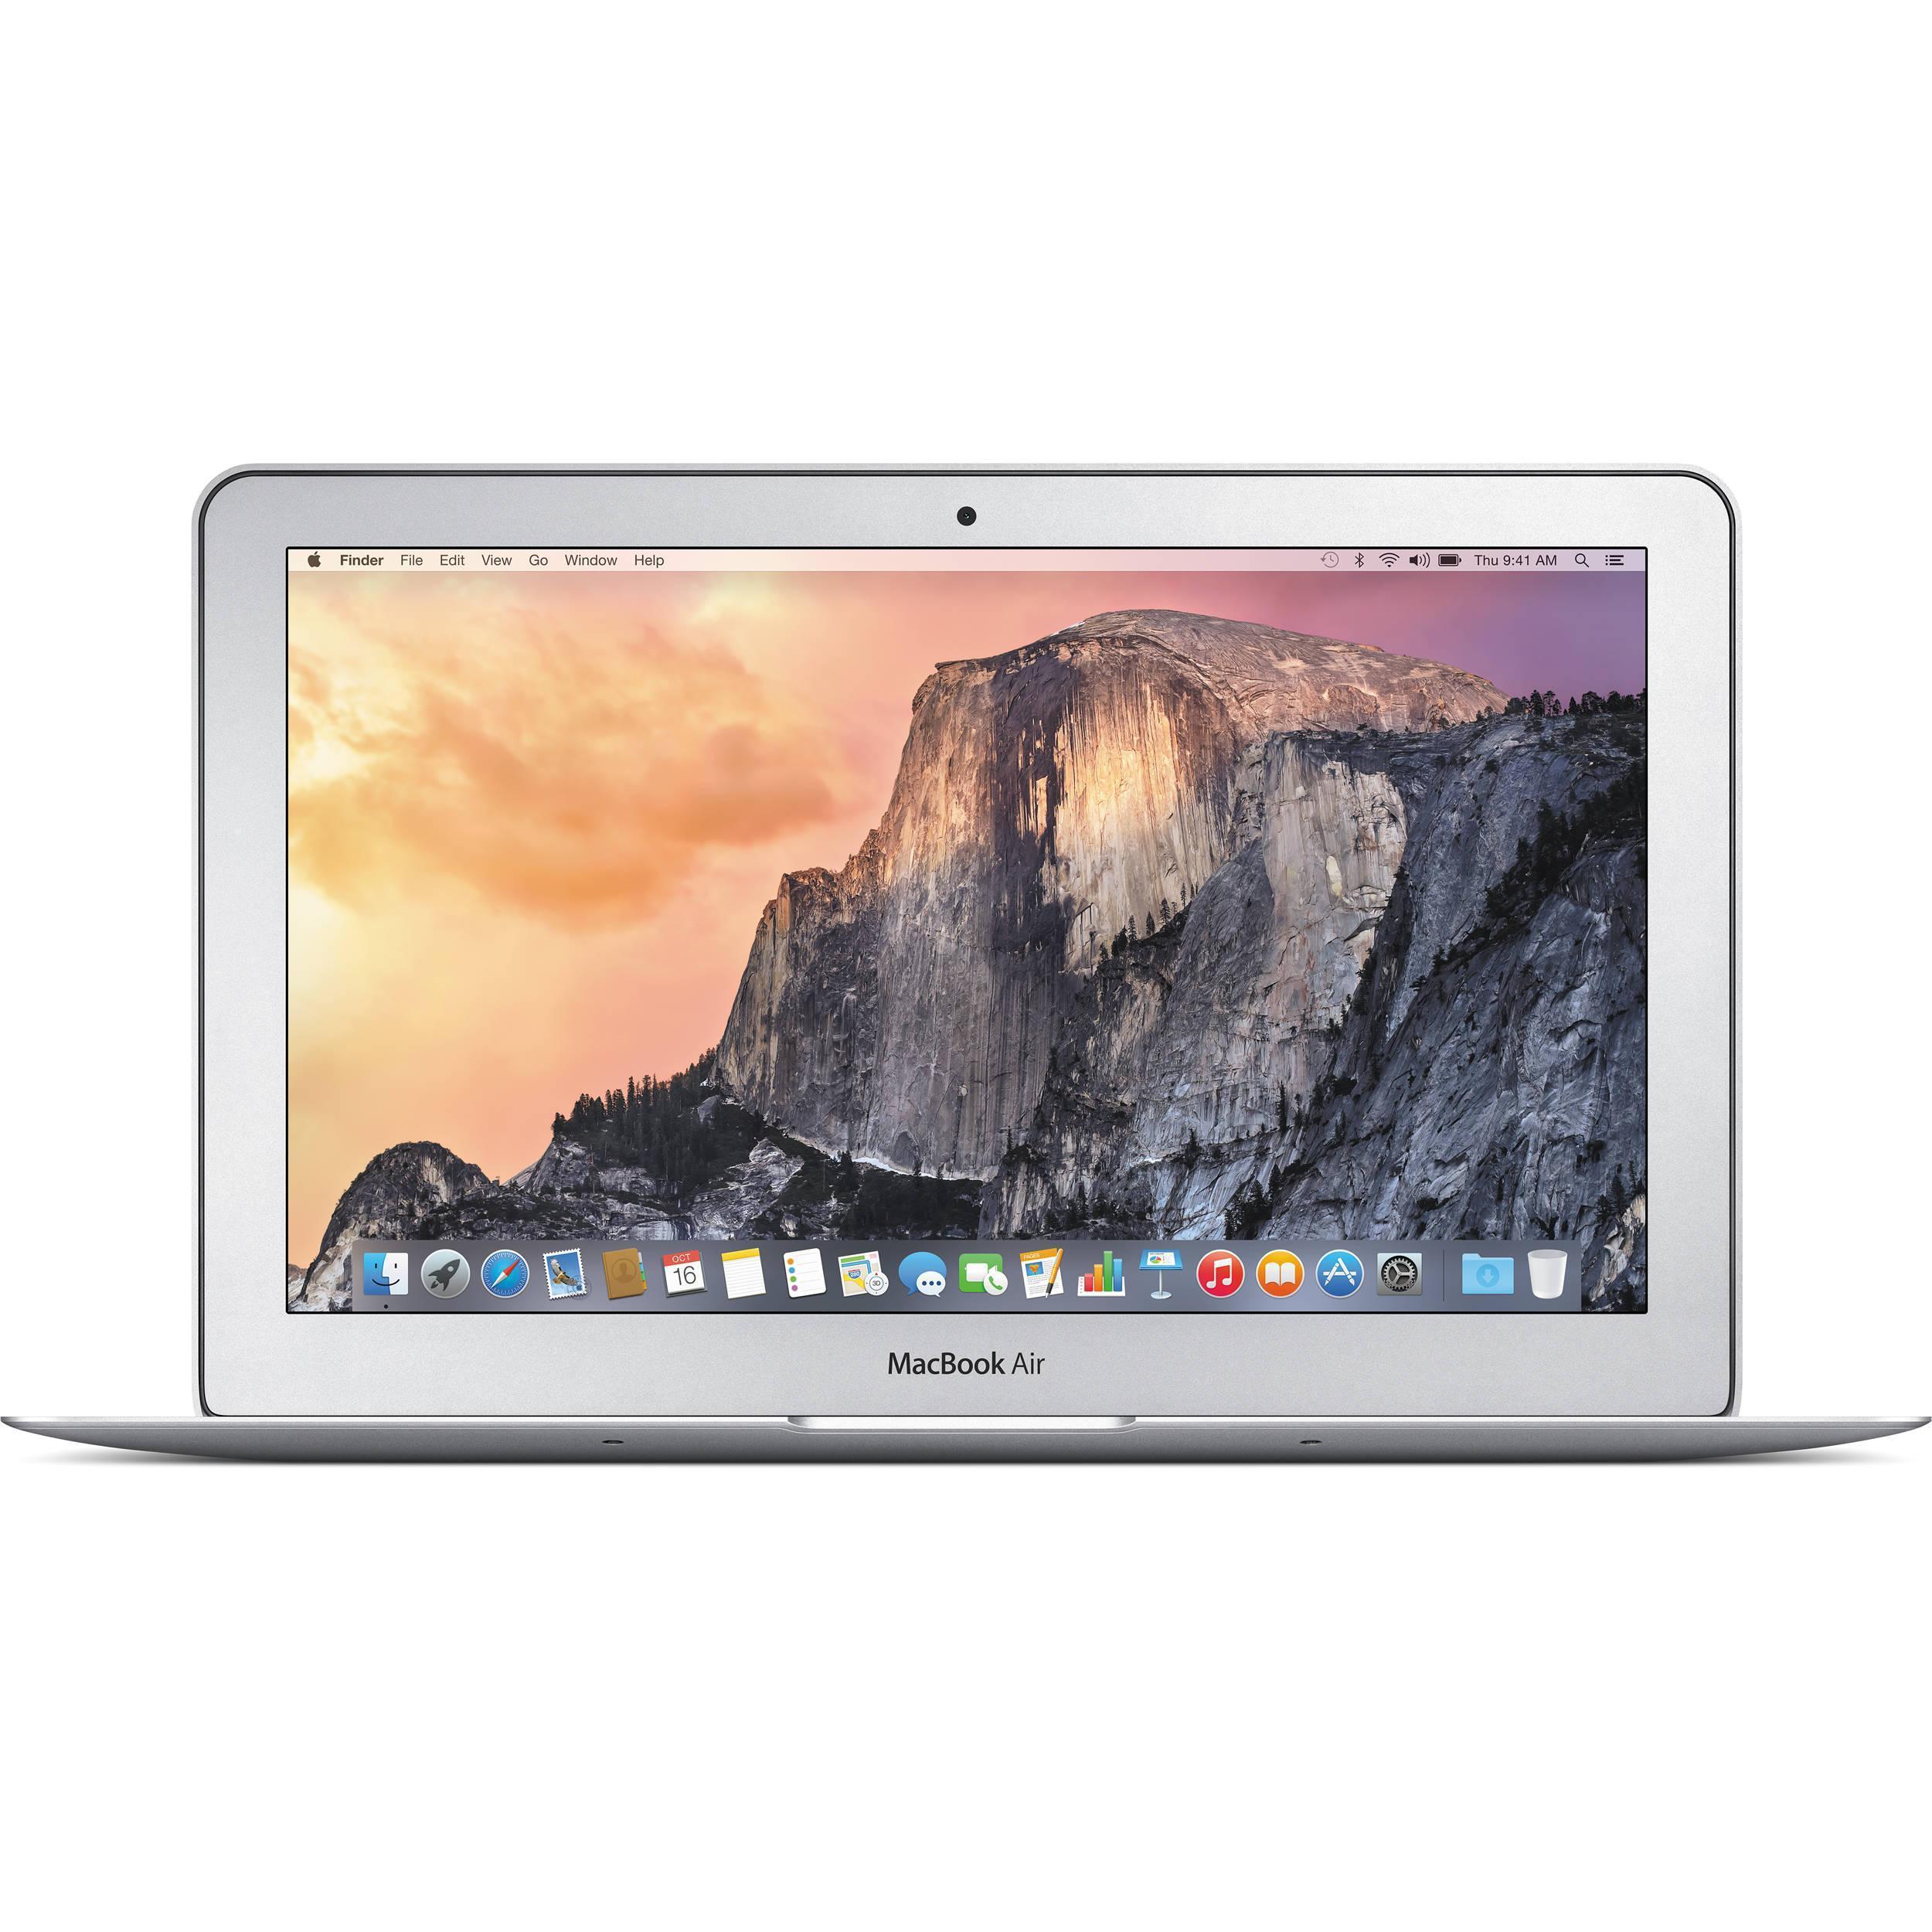 MacBook Air 11,6-tum (2014) - Core i5 - 8GB - SSD 128 GB QWERTZ - Tyska